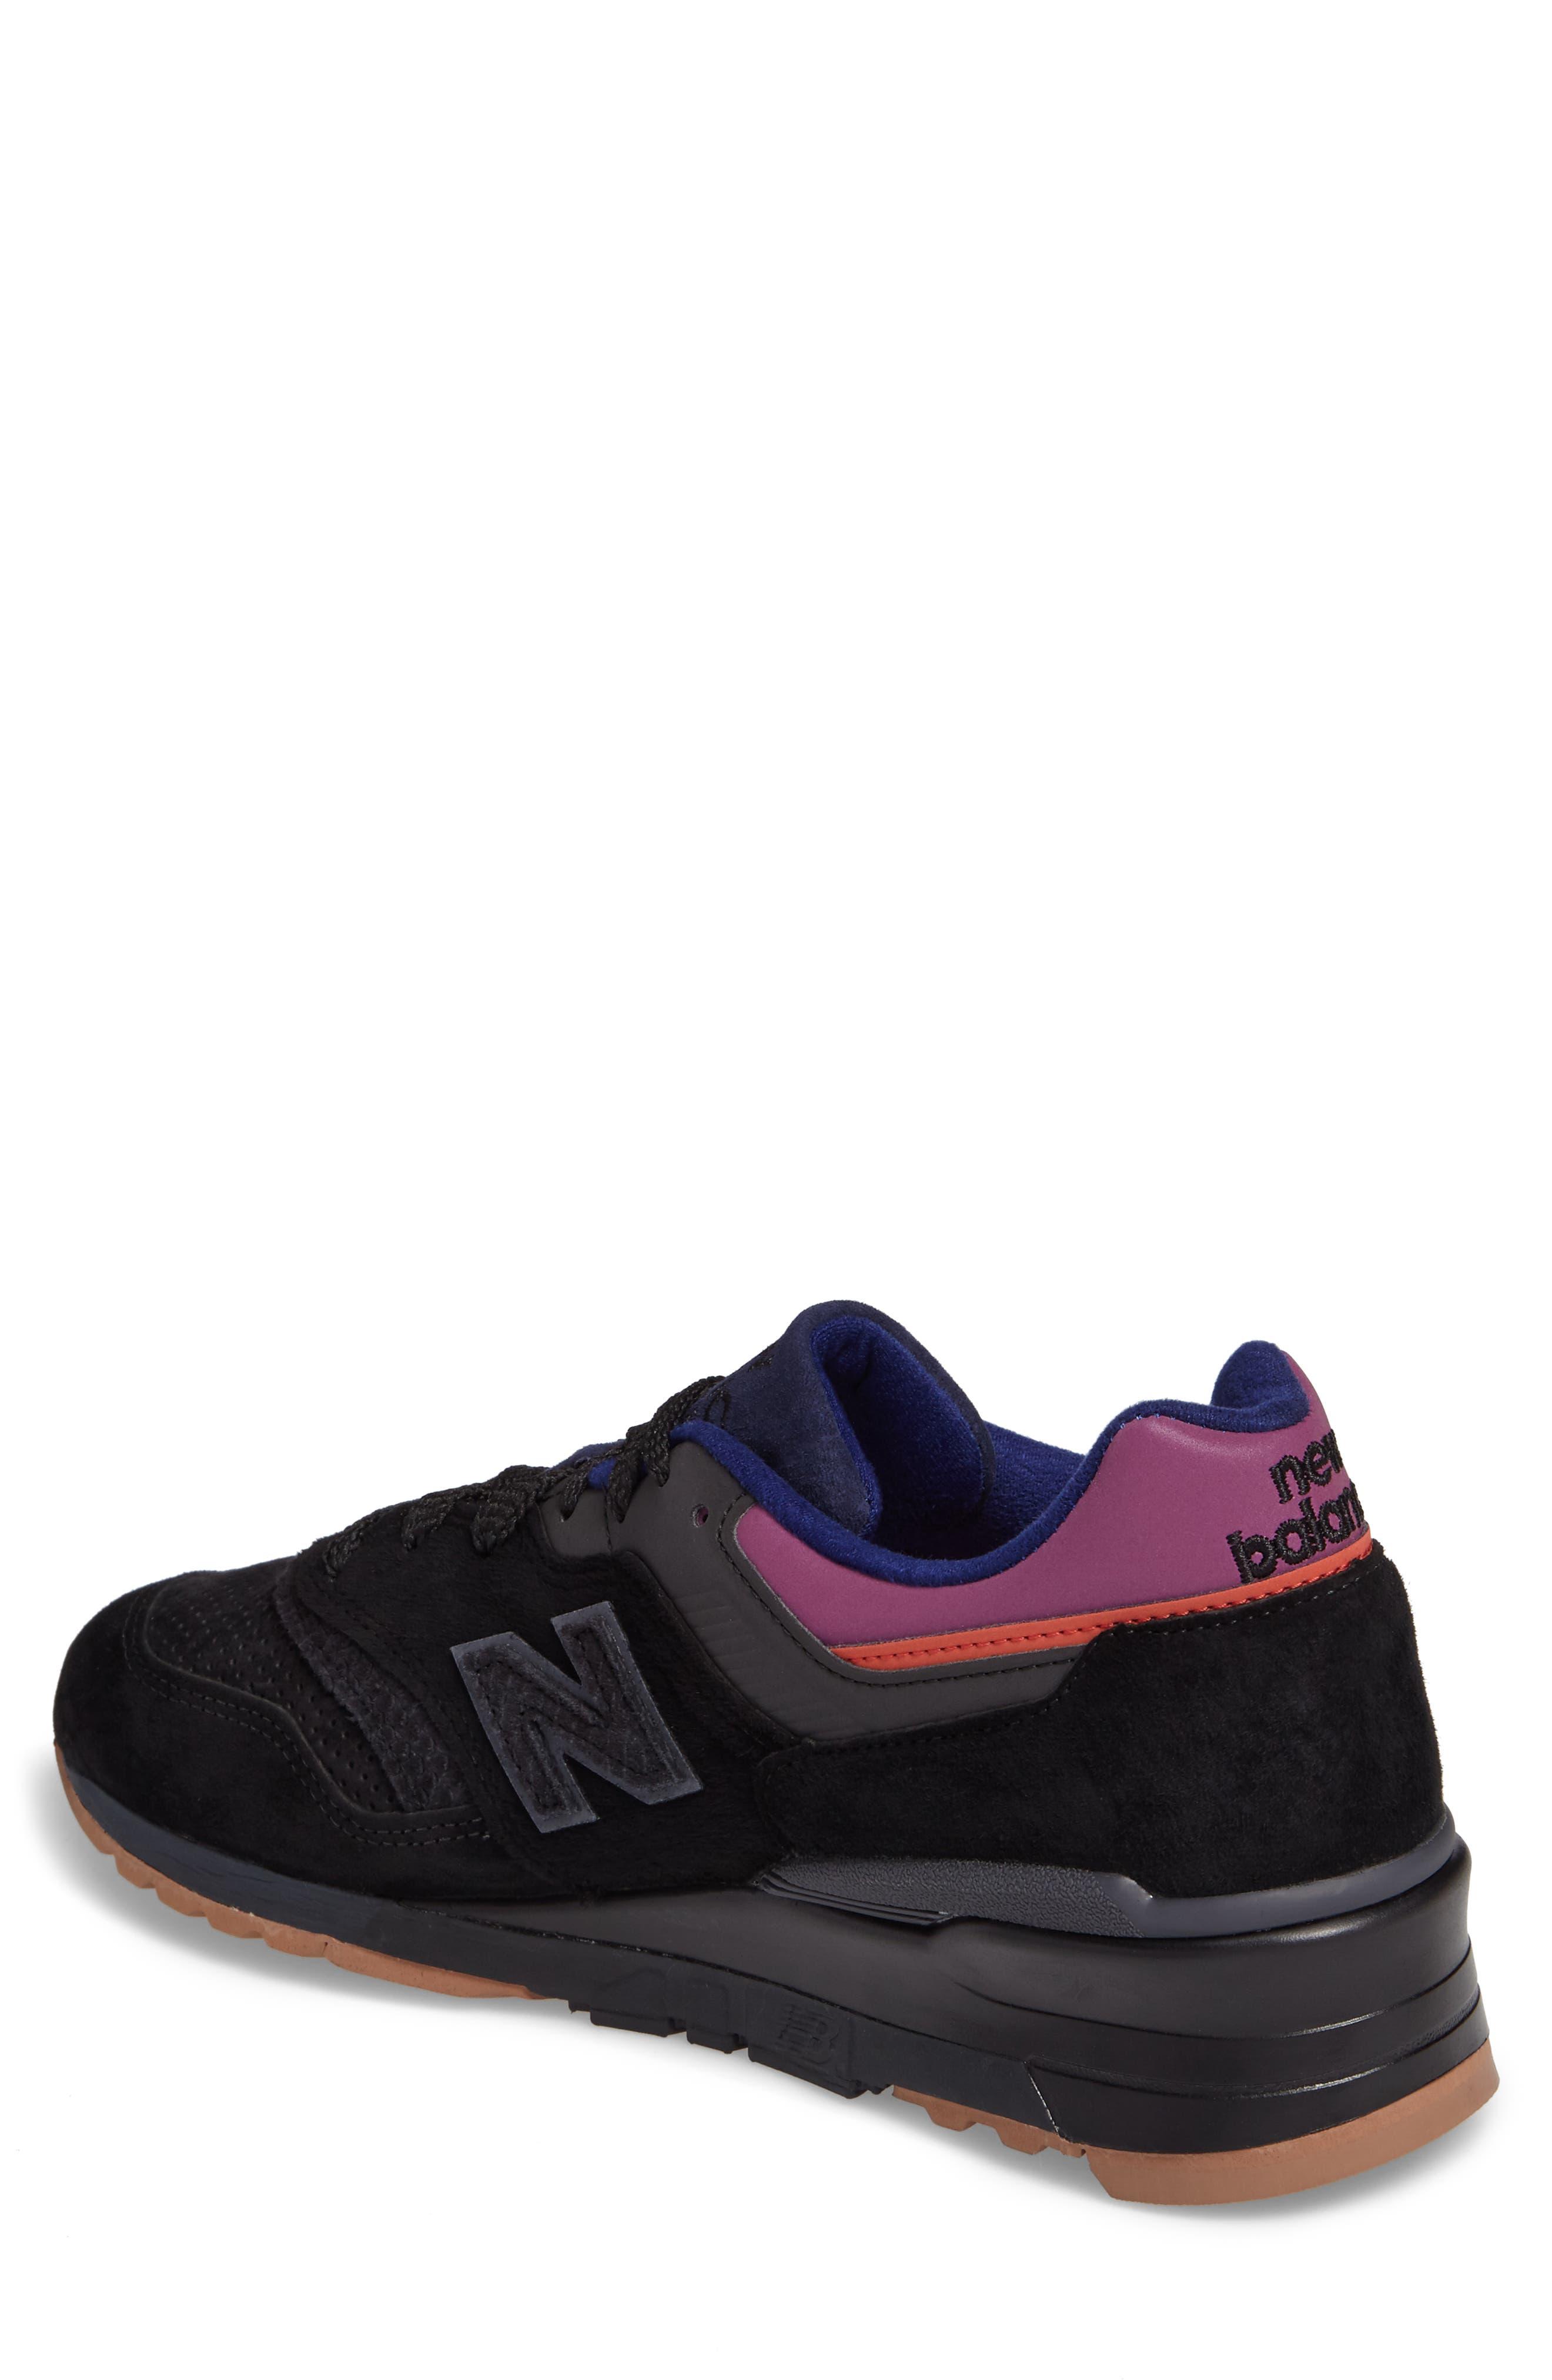 997 Sneaker,                             Alternate thumbnail 2, color,                             001